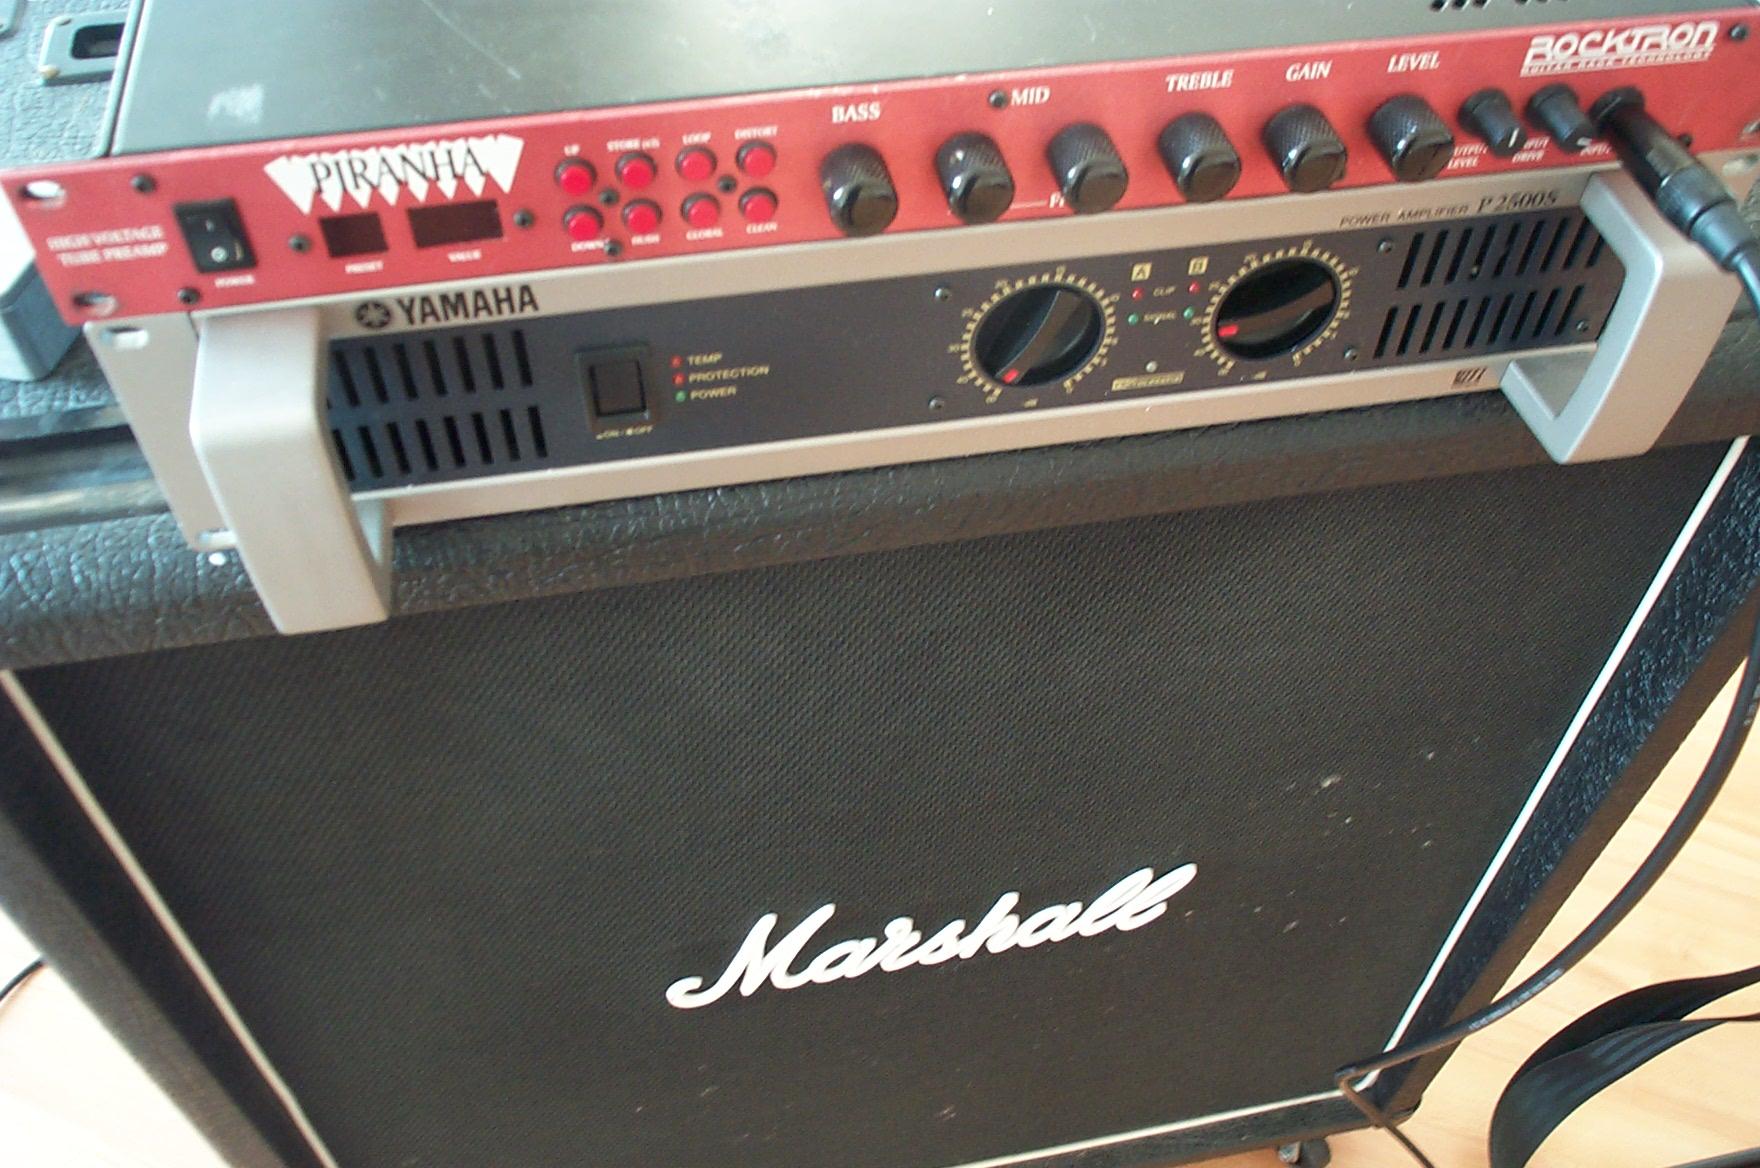 Power Amplifier Yamaha Ps